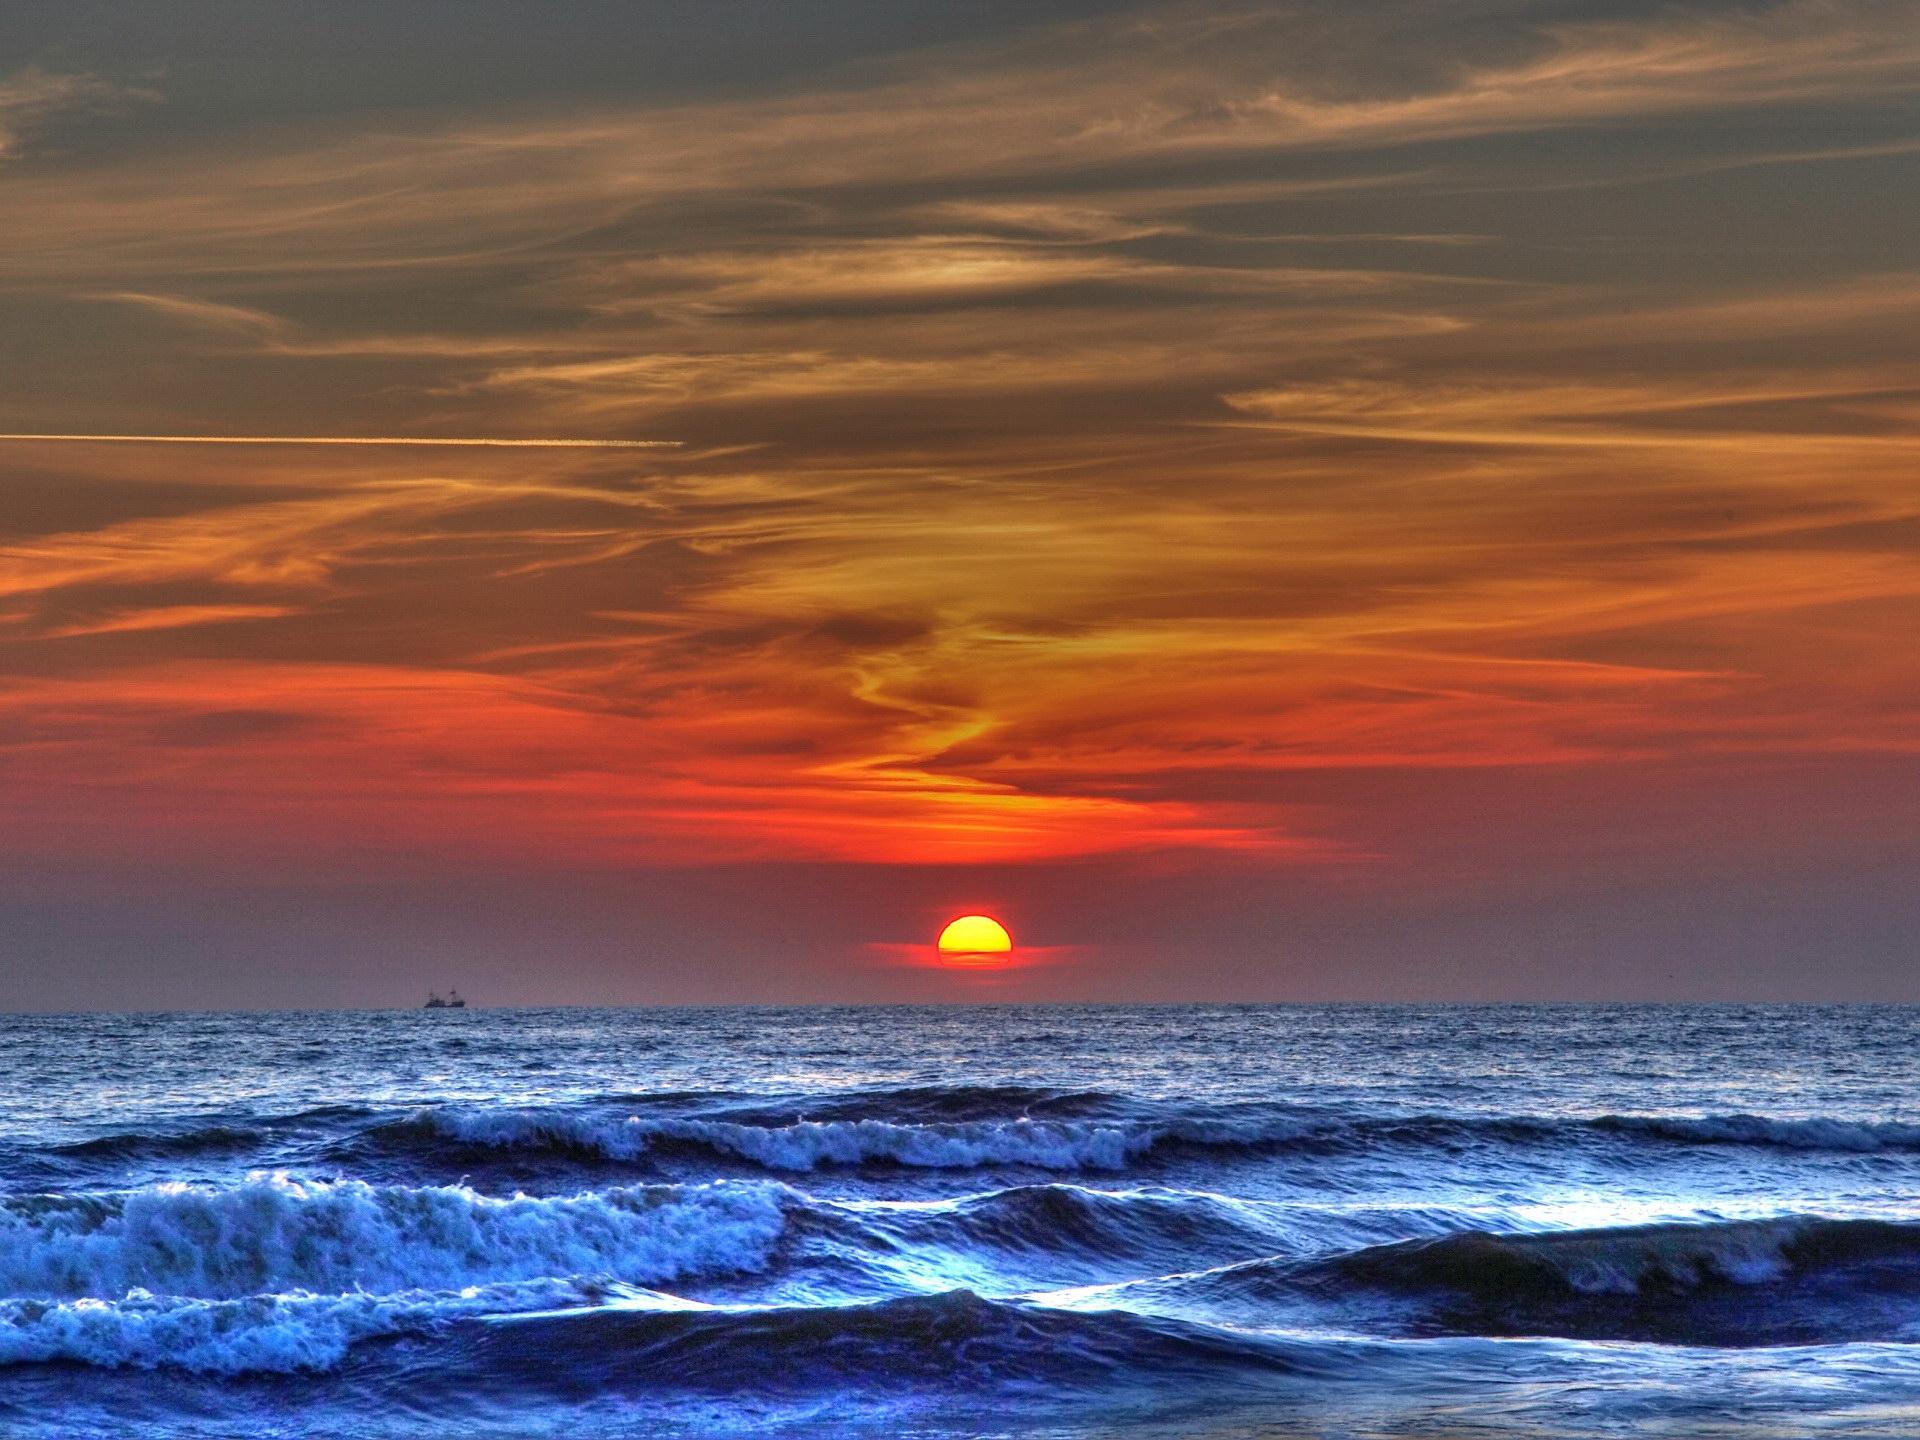 66290 скачать обои Море, Волны, Природа, Закат, Небо, Солнце, Шторм - заставки и картинки бесплатно